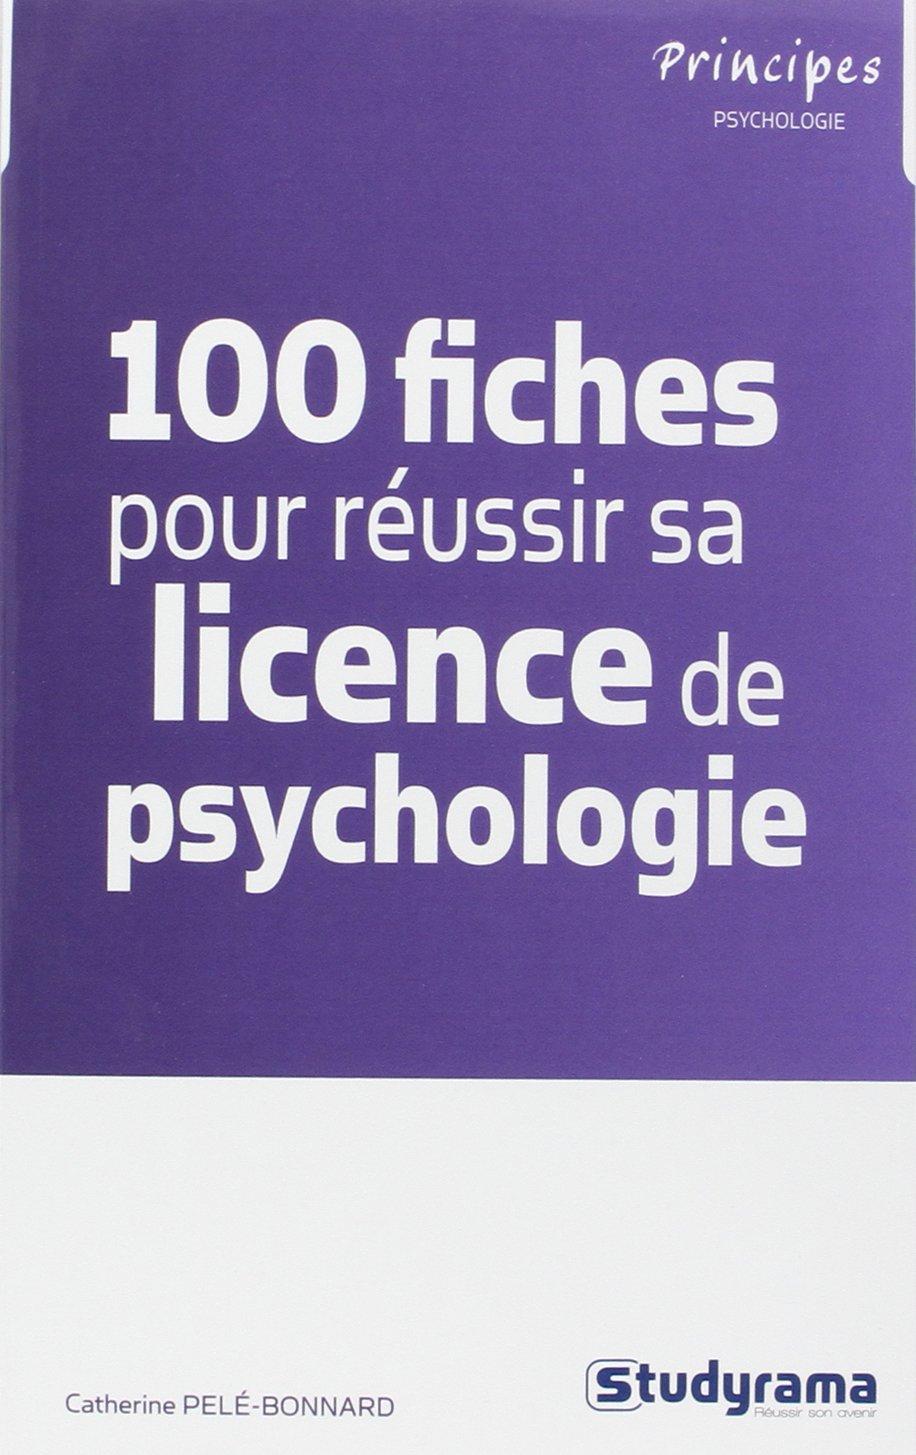 licence pro psychologie